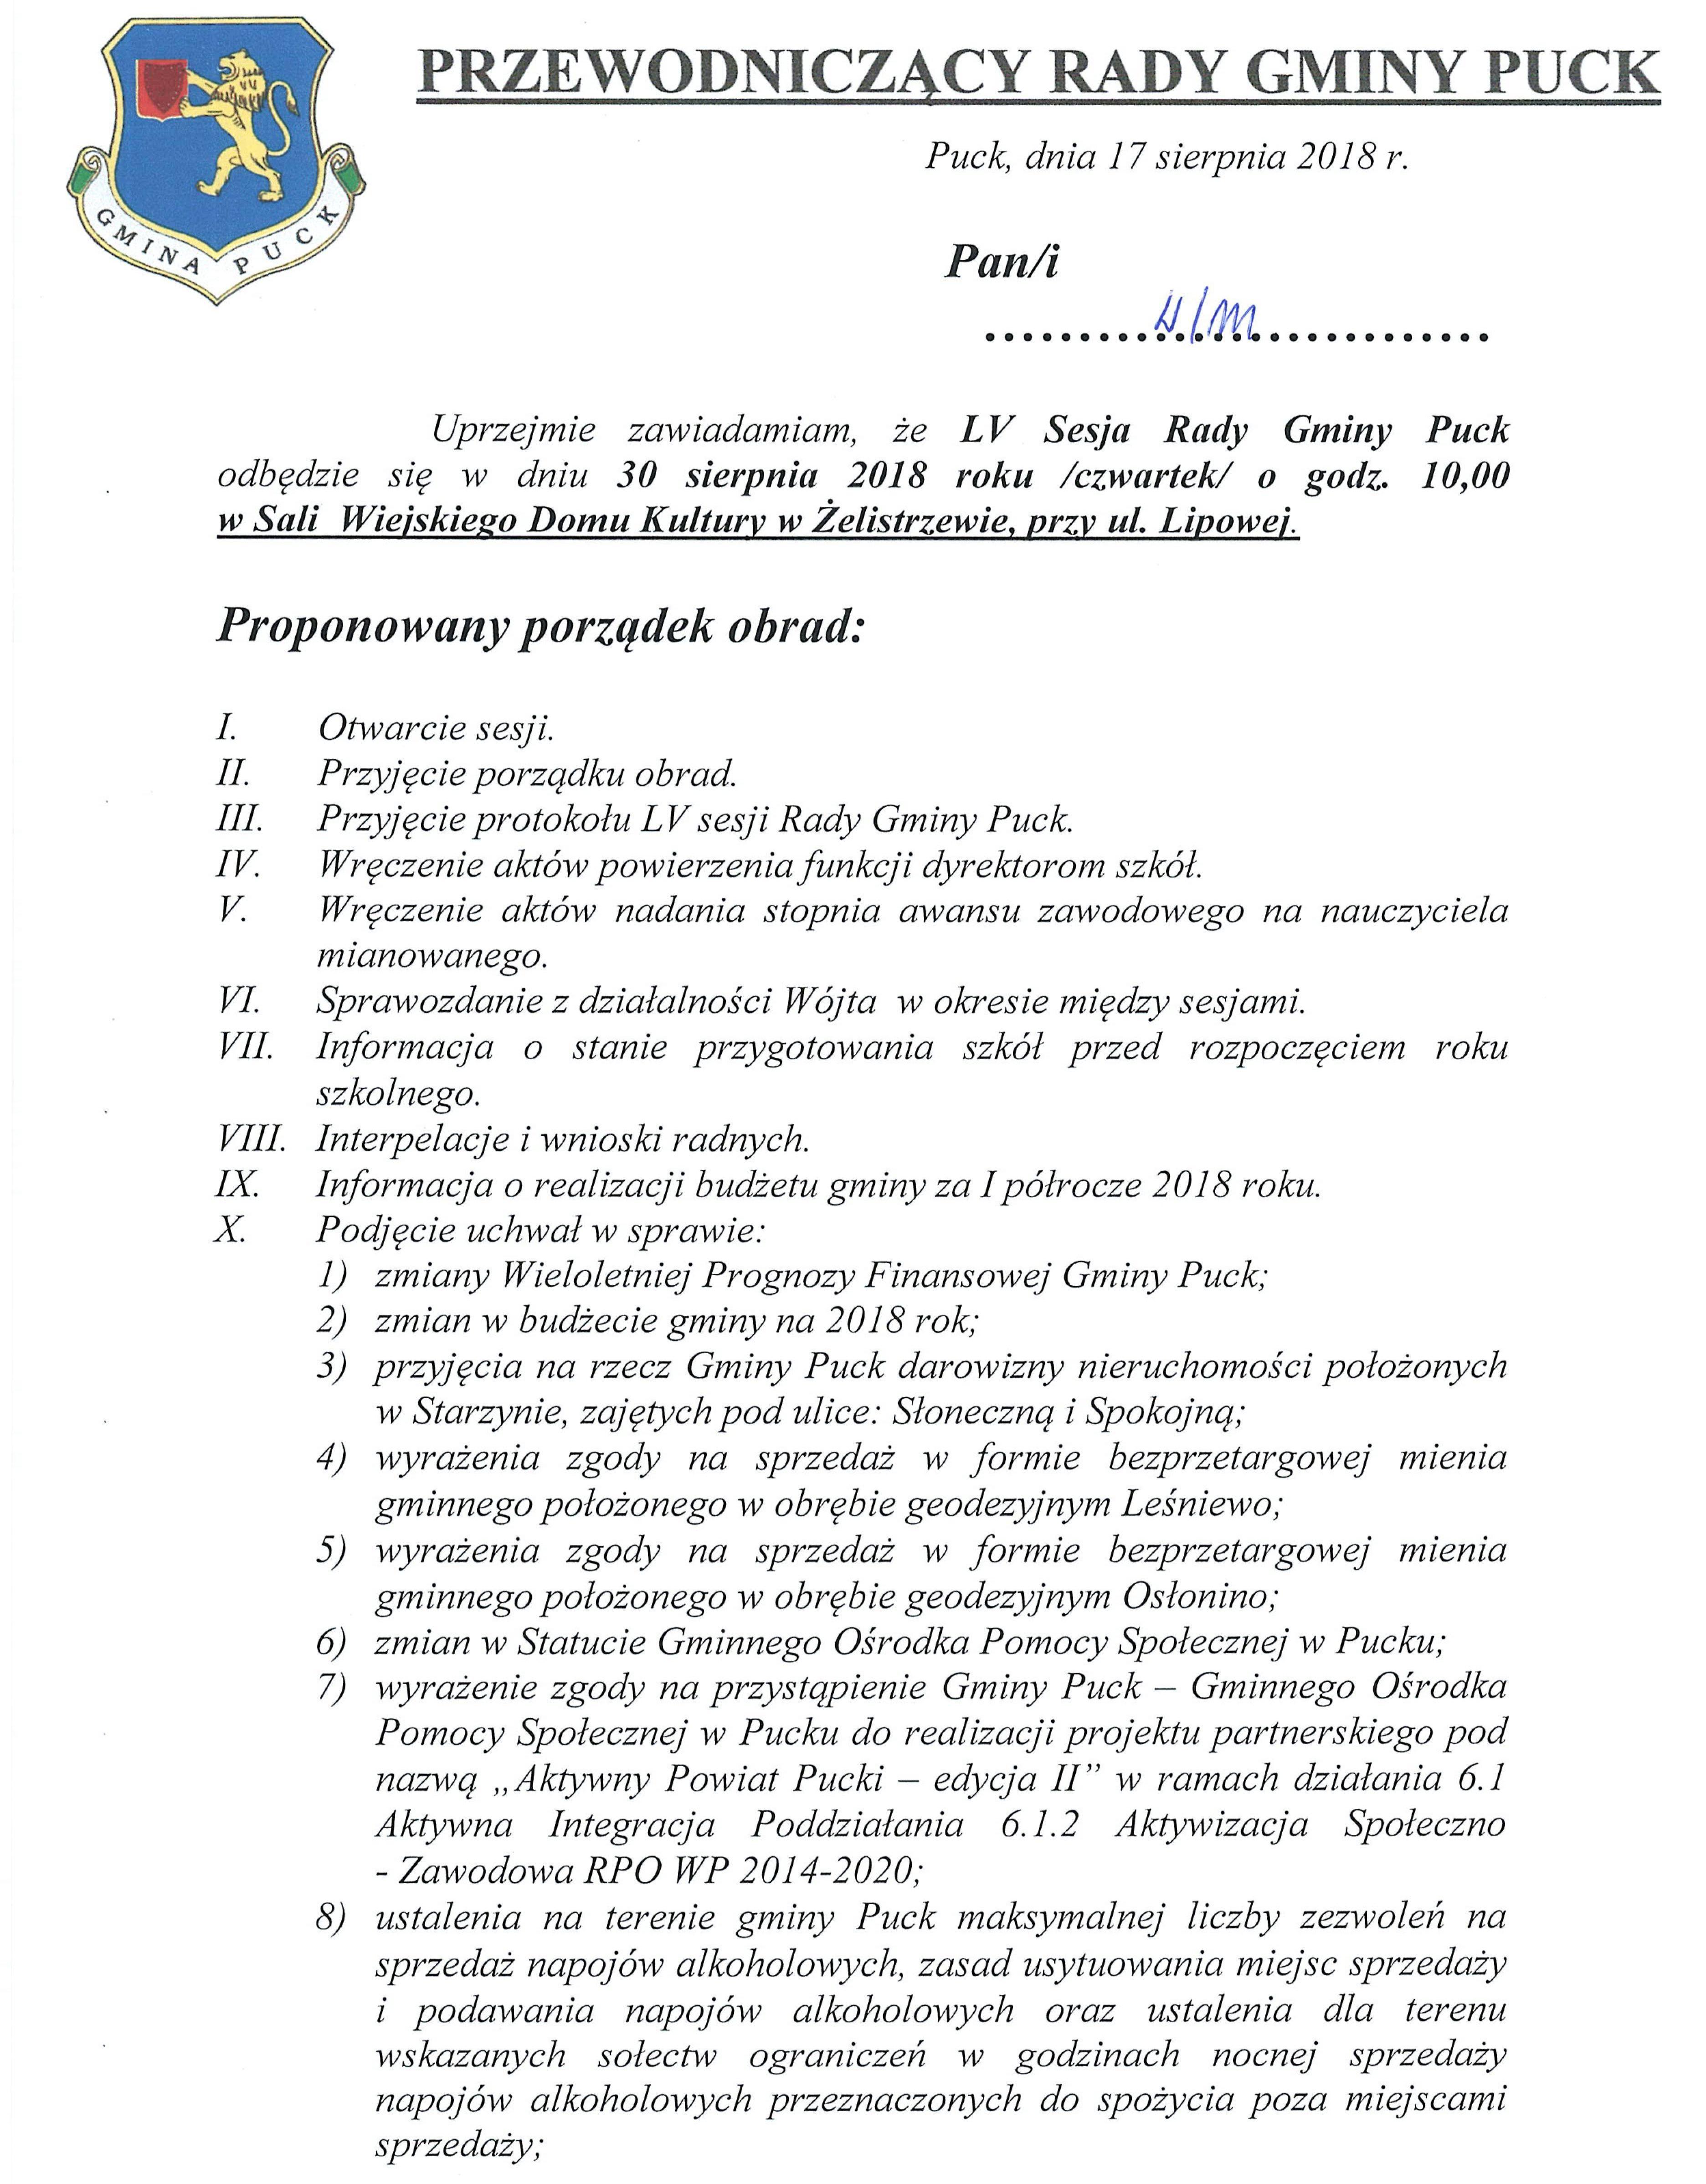 Proponowany porządek obrad LV sesji Rady Gminy Puck w dniu 30 sierpnia 2018 r._01